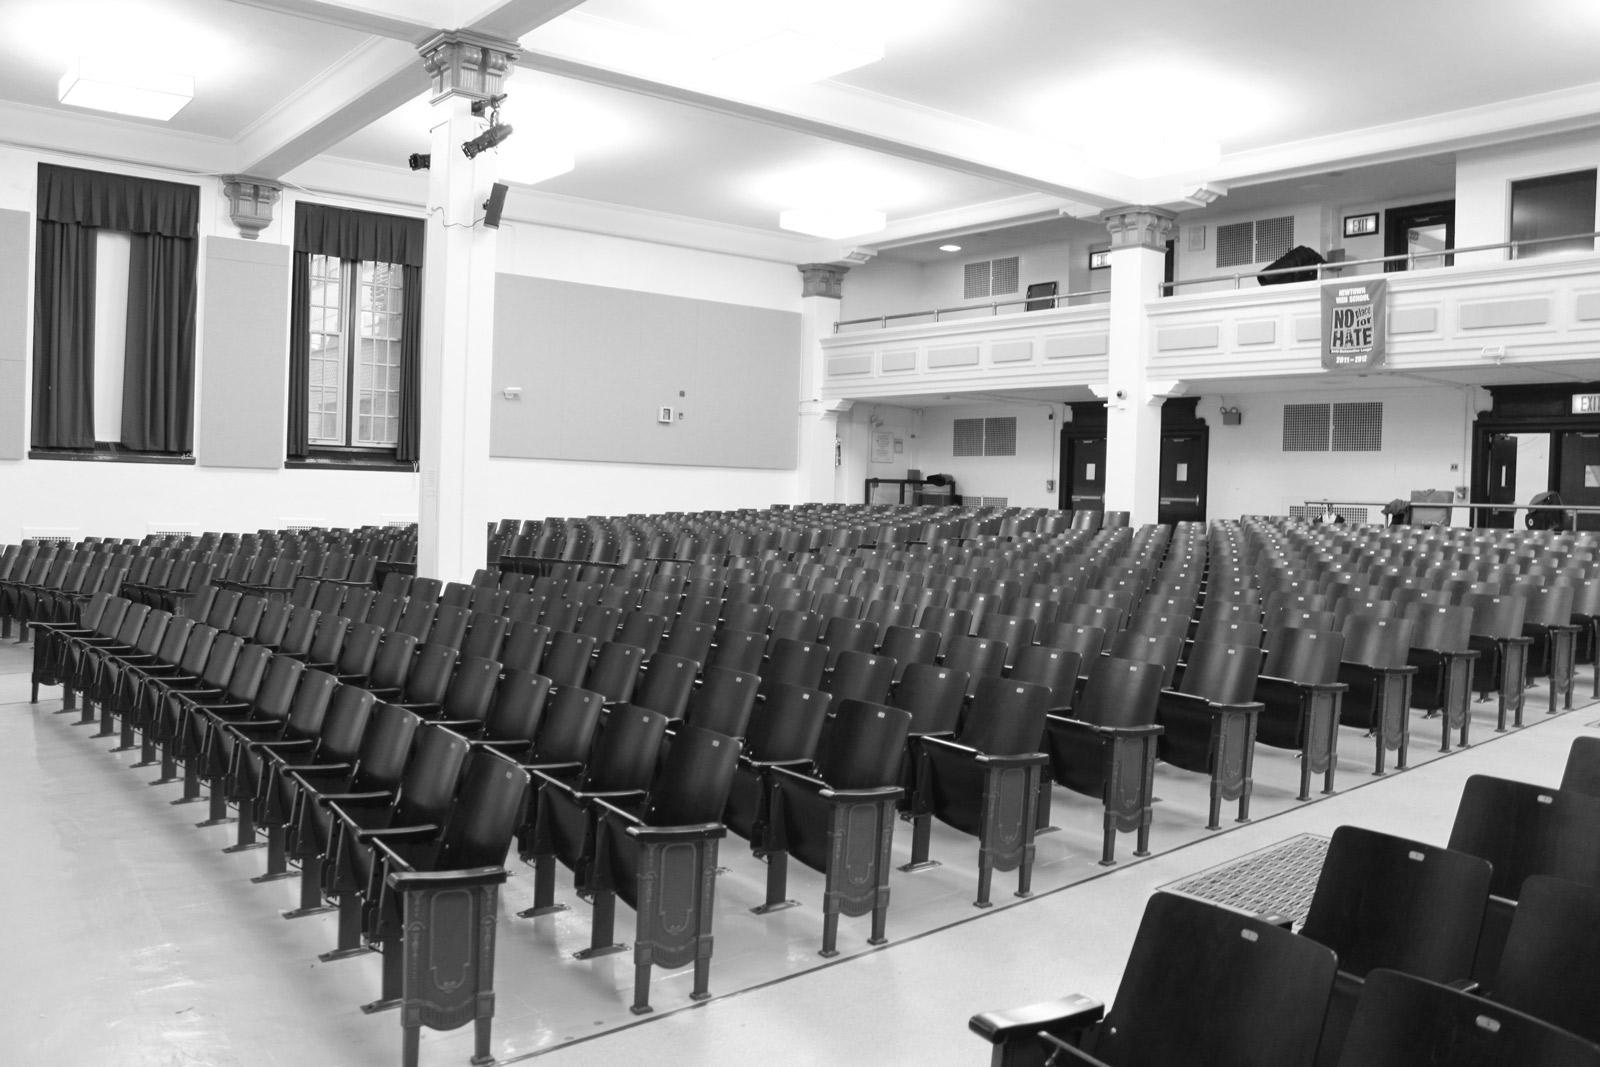 High School Auditorium By Brimu On Deviantart